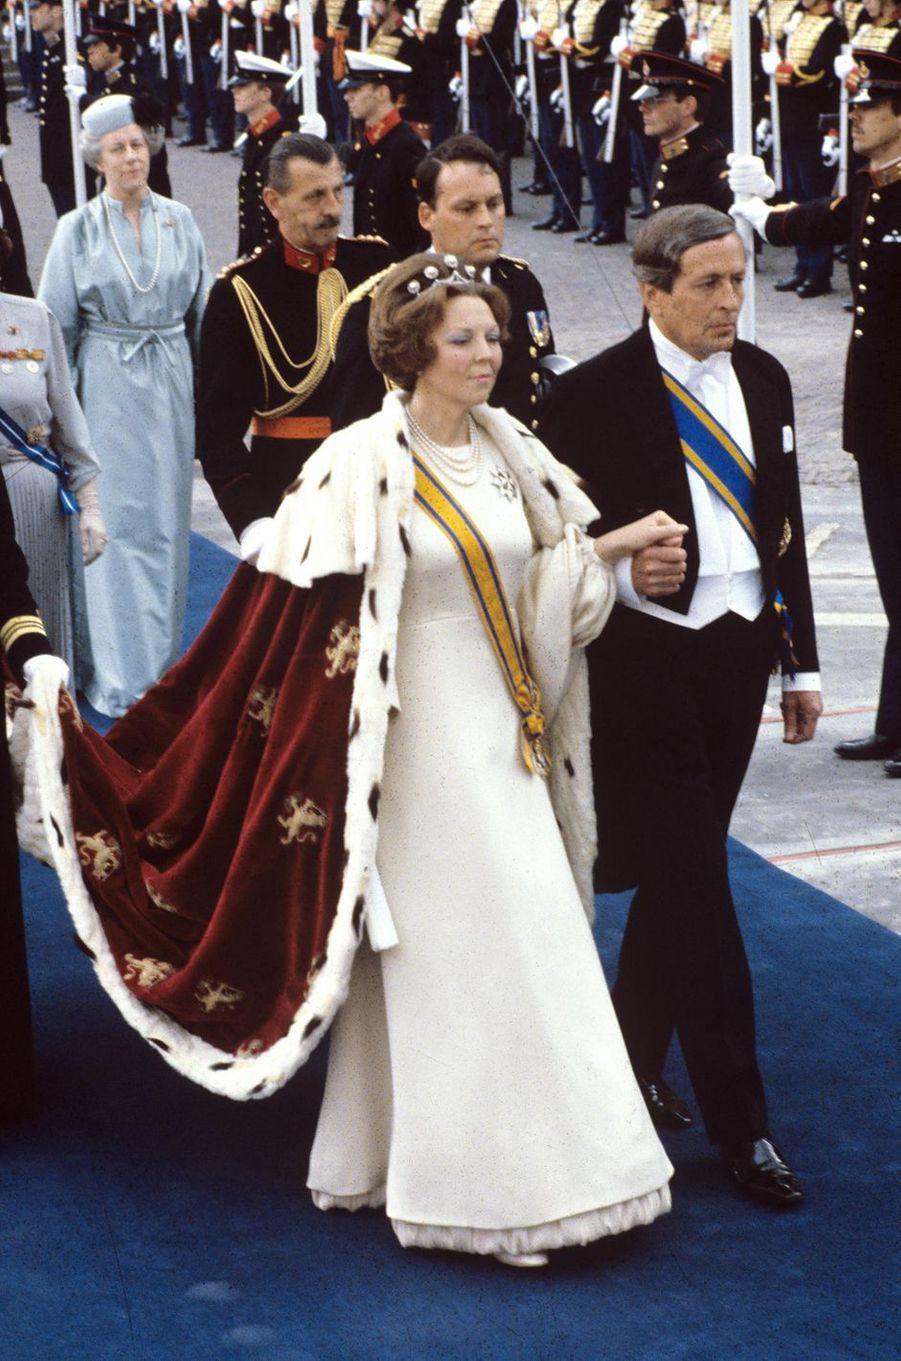 La reine Beatrix des Pays-Bas avec son époux le prince consort Claus, lors de son intronisation à Amsterdam le 30 avril 1980